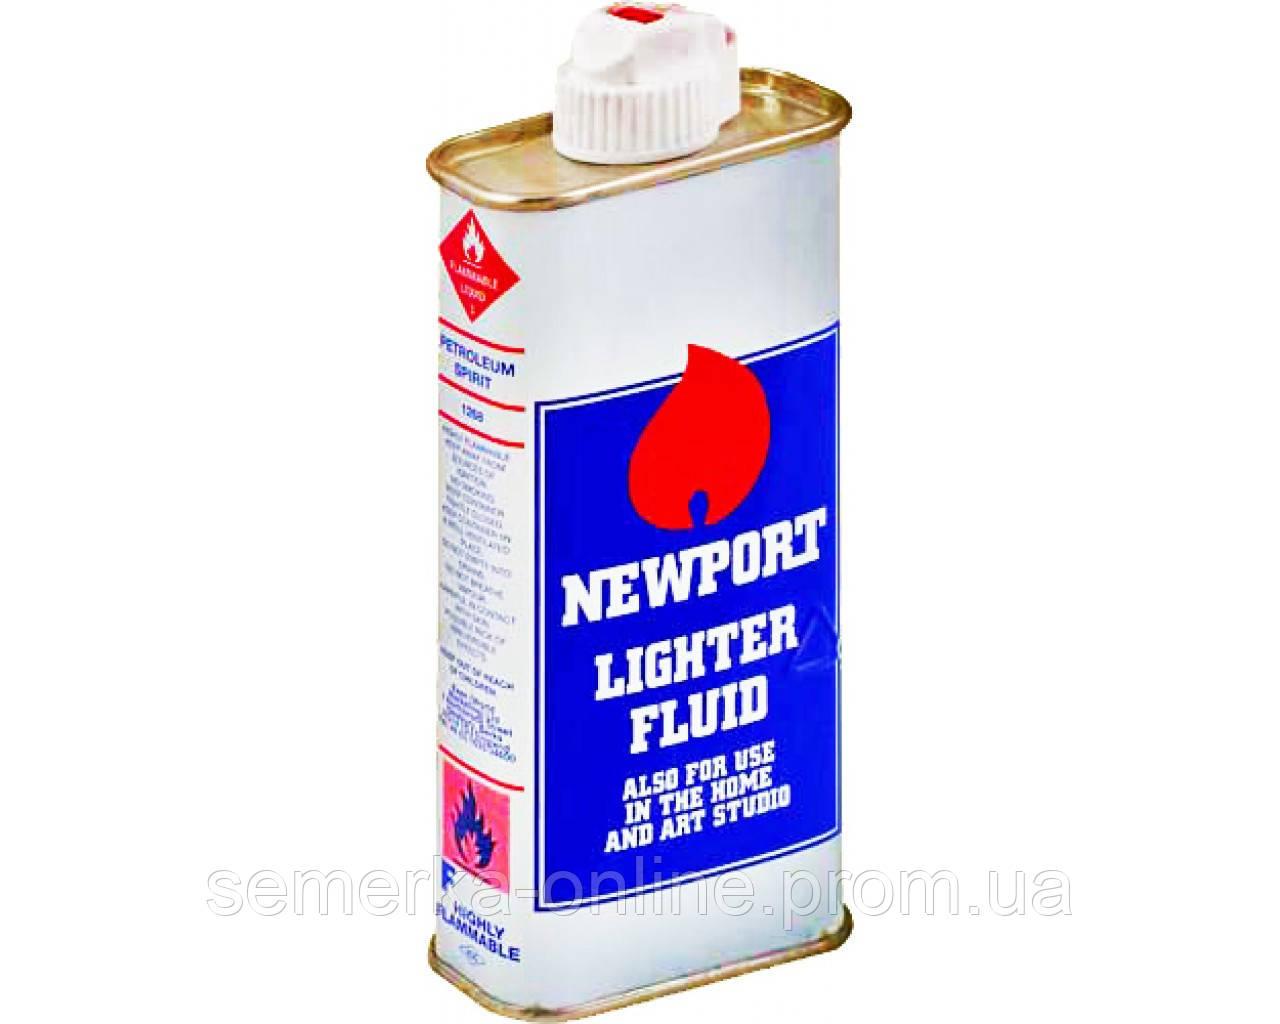 Очищенный высококачественный бензин 2шт. Newport для заправки всех моделей бензиновых зажигалок.